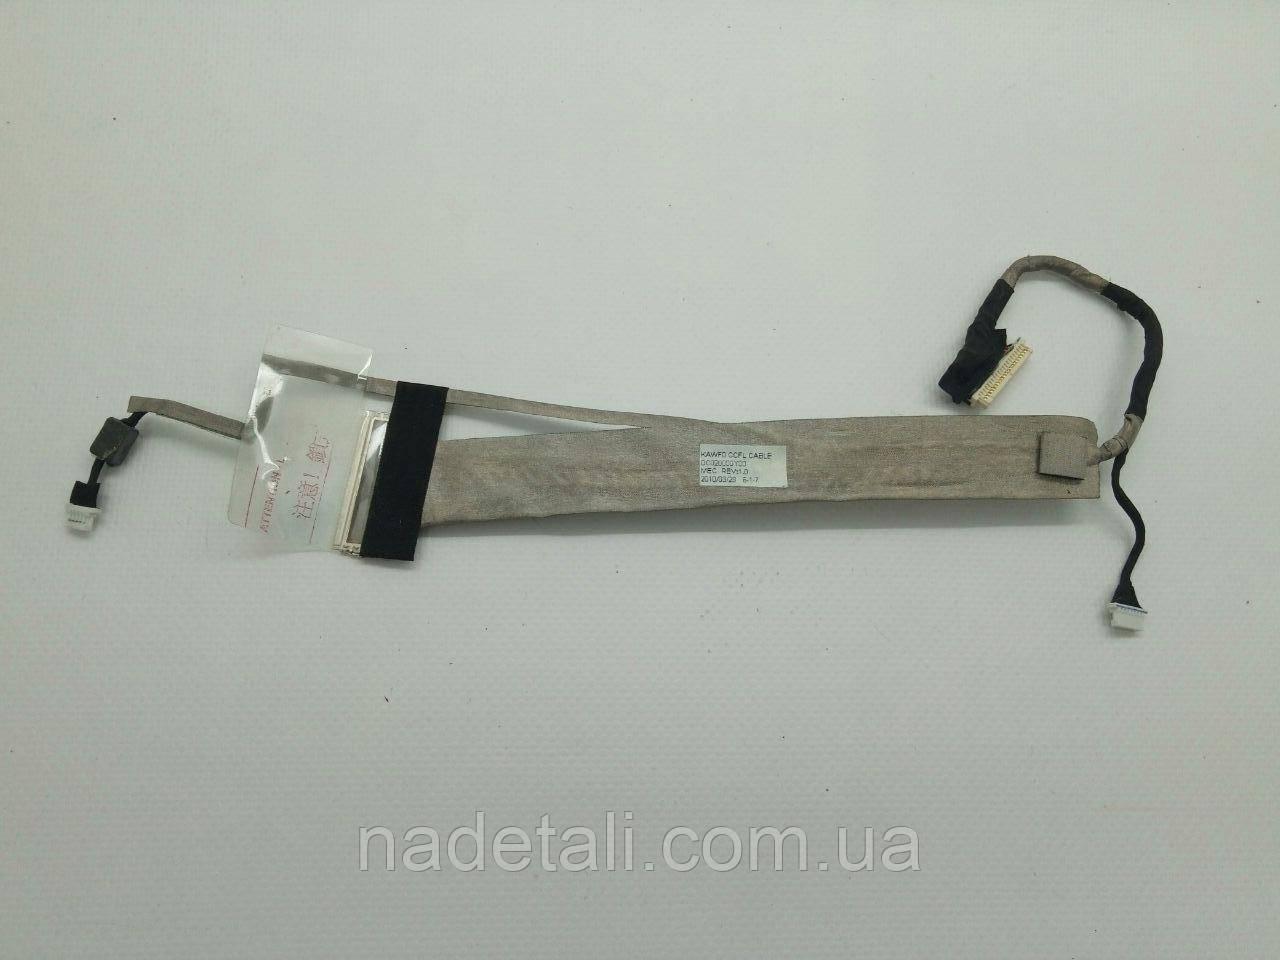 Шлейф матрицы Acer Aspire 5541 DC020000Y00